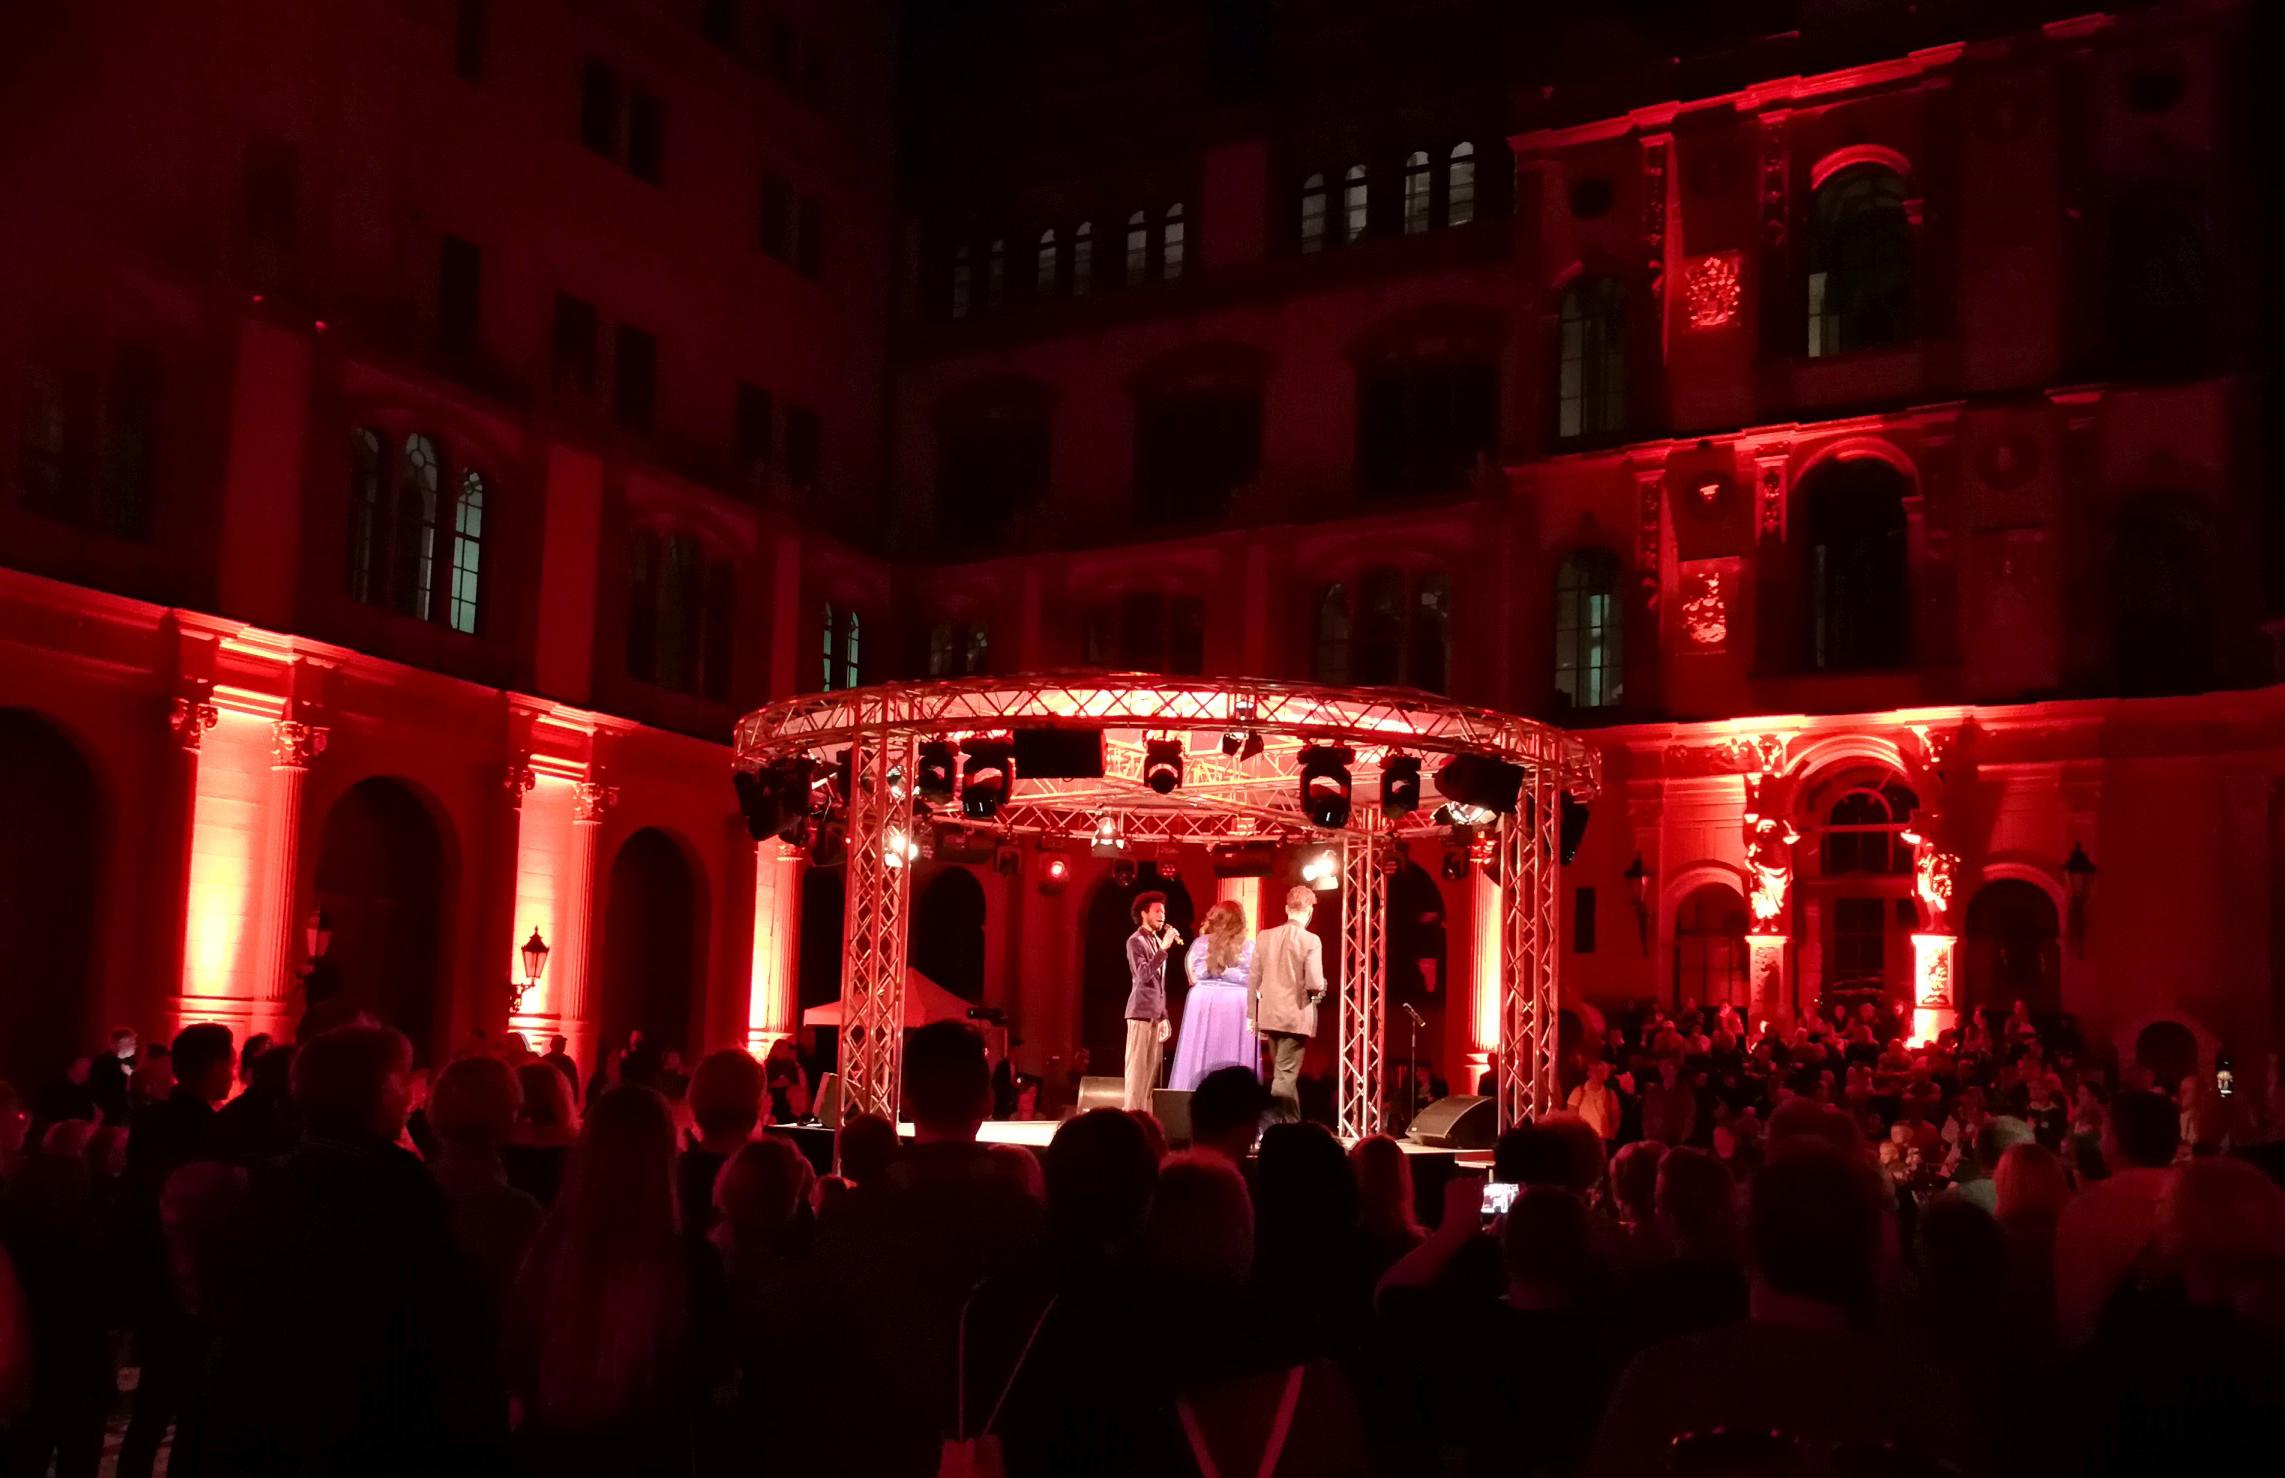 Schlossgartenlust 2019 | Schlossinnenhof